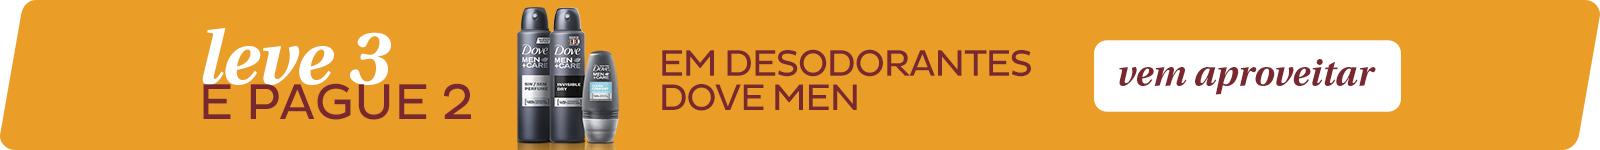 Desodorante Dove Men